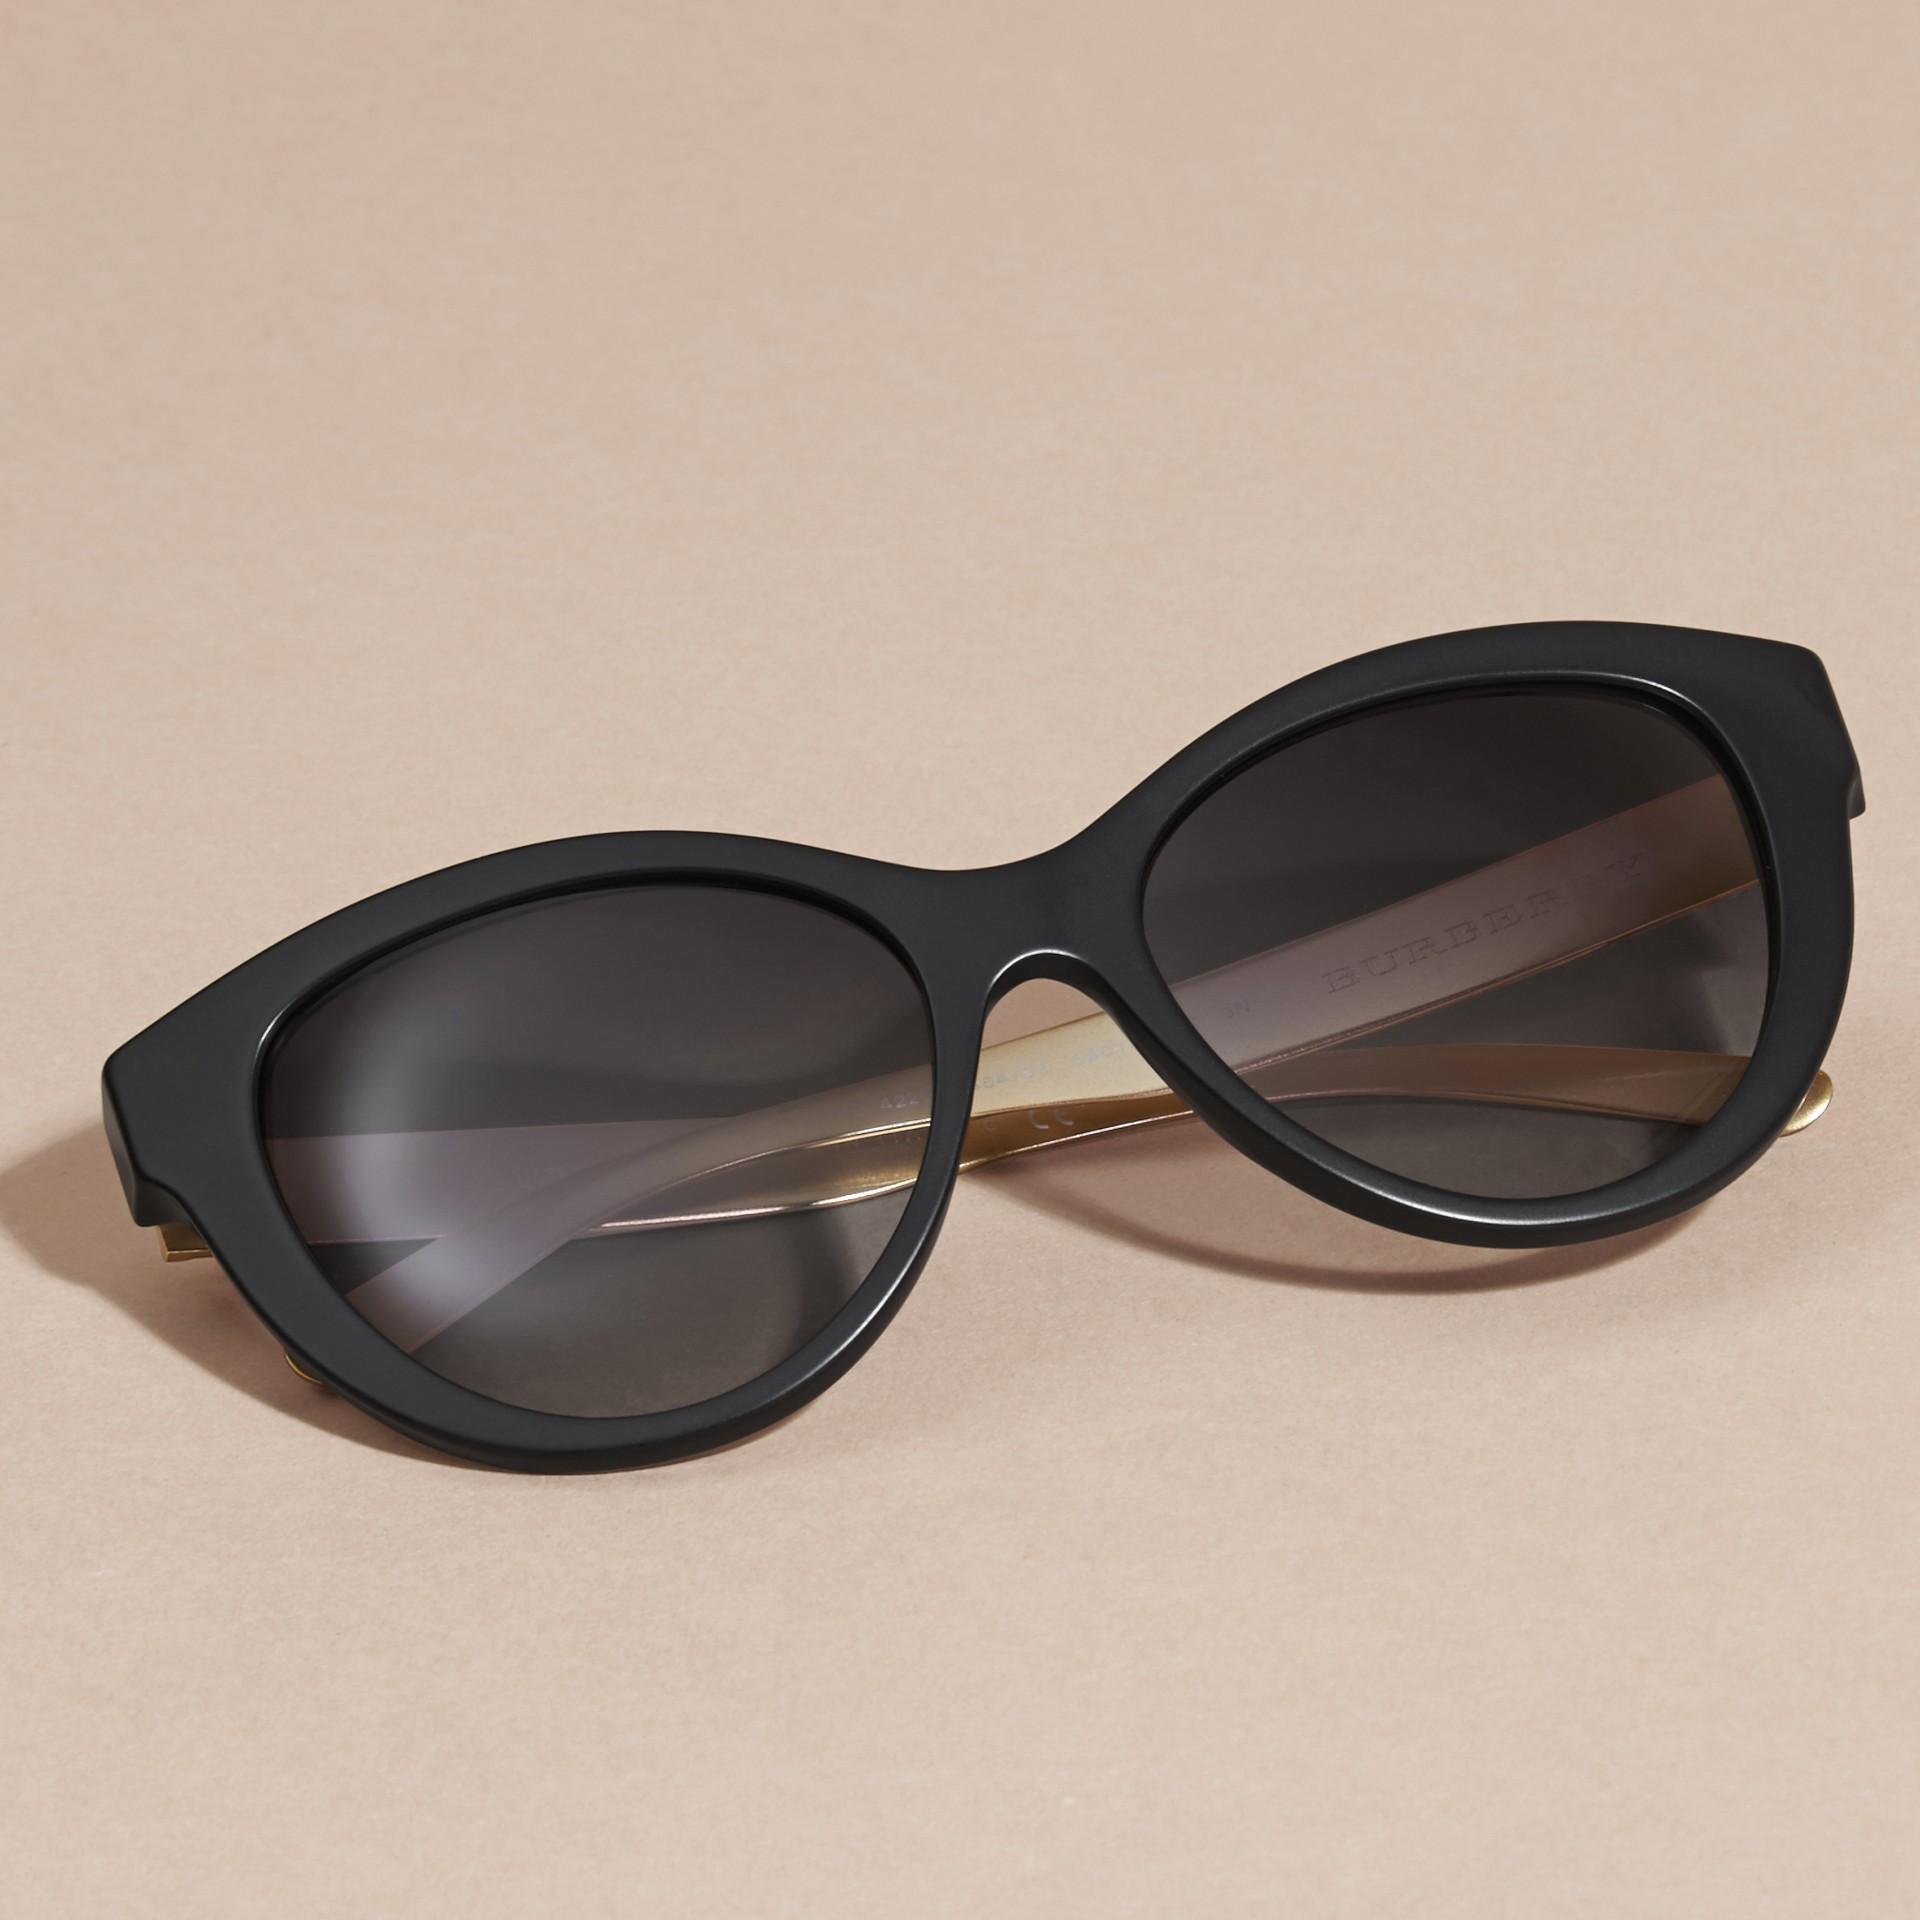 Noir Lunettes de soleil œil-de-chat avec détails check tridimensionnels Noir - photo de la galerie 3